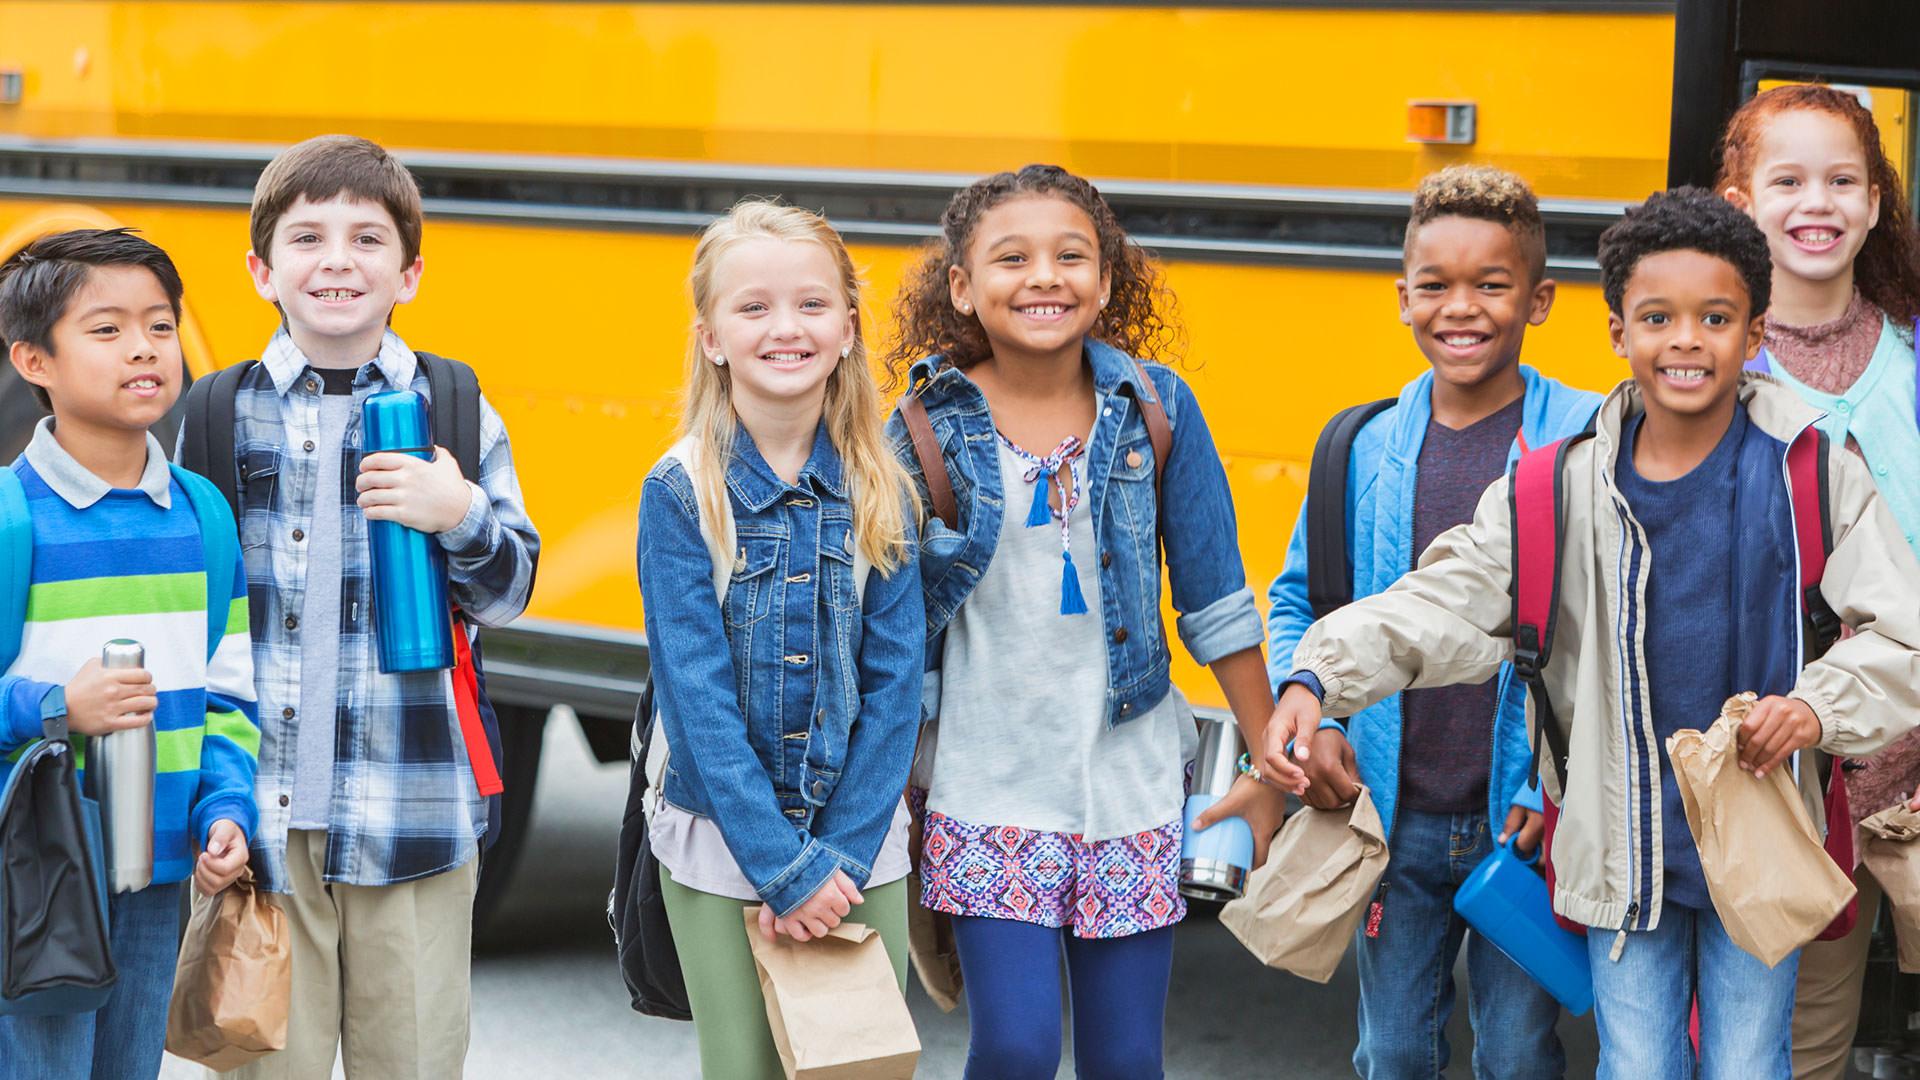 Children standing in front of bus